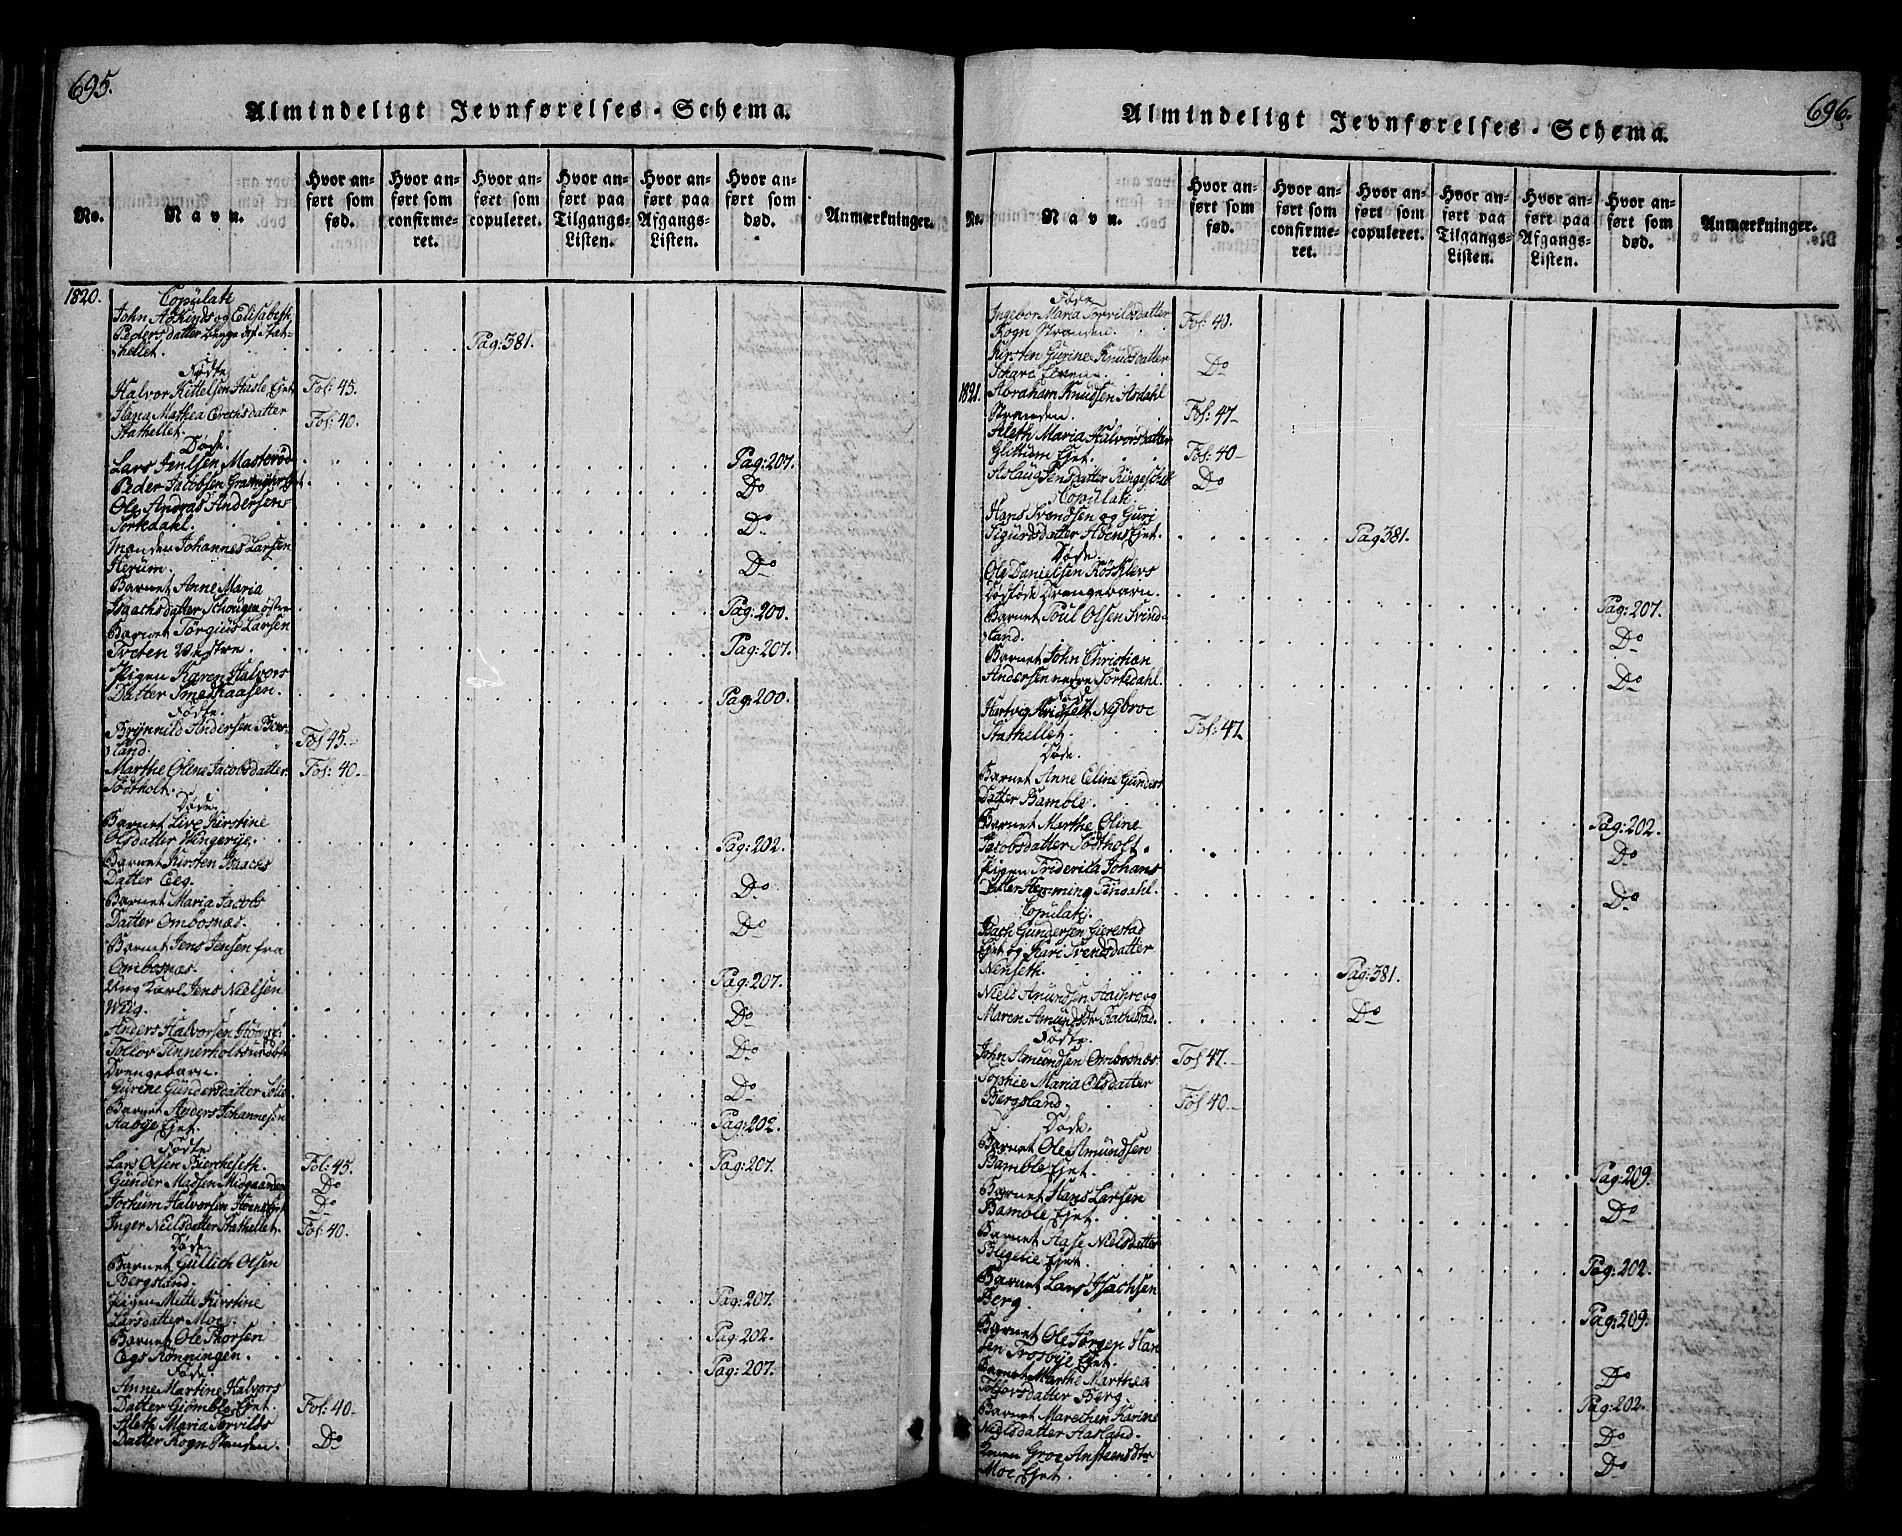 SAKO, Bamble kirkebøker, G/Ga/L0005: Klokkerbok nr. I 5, 1814-1855, s. 695-696